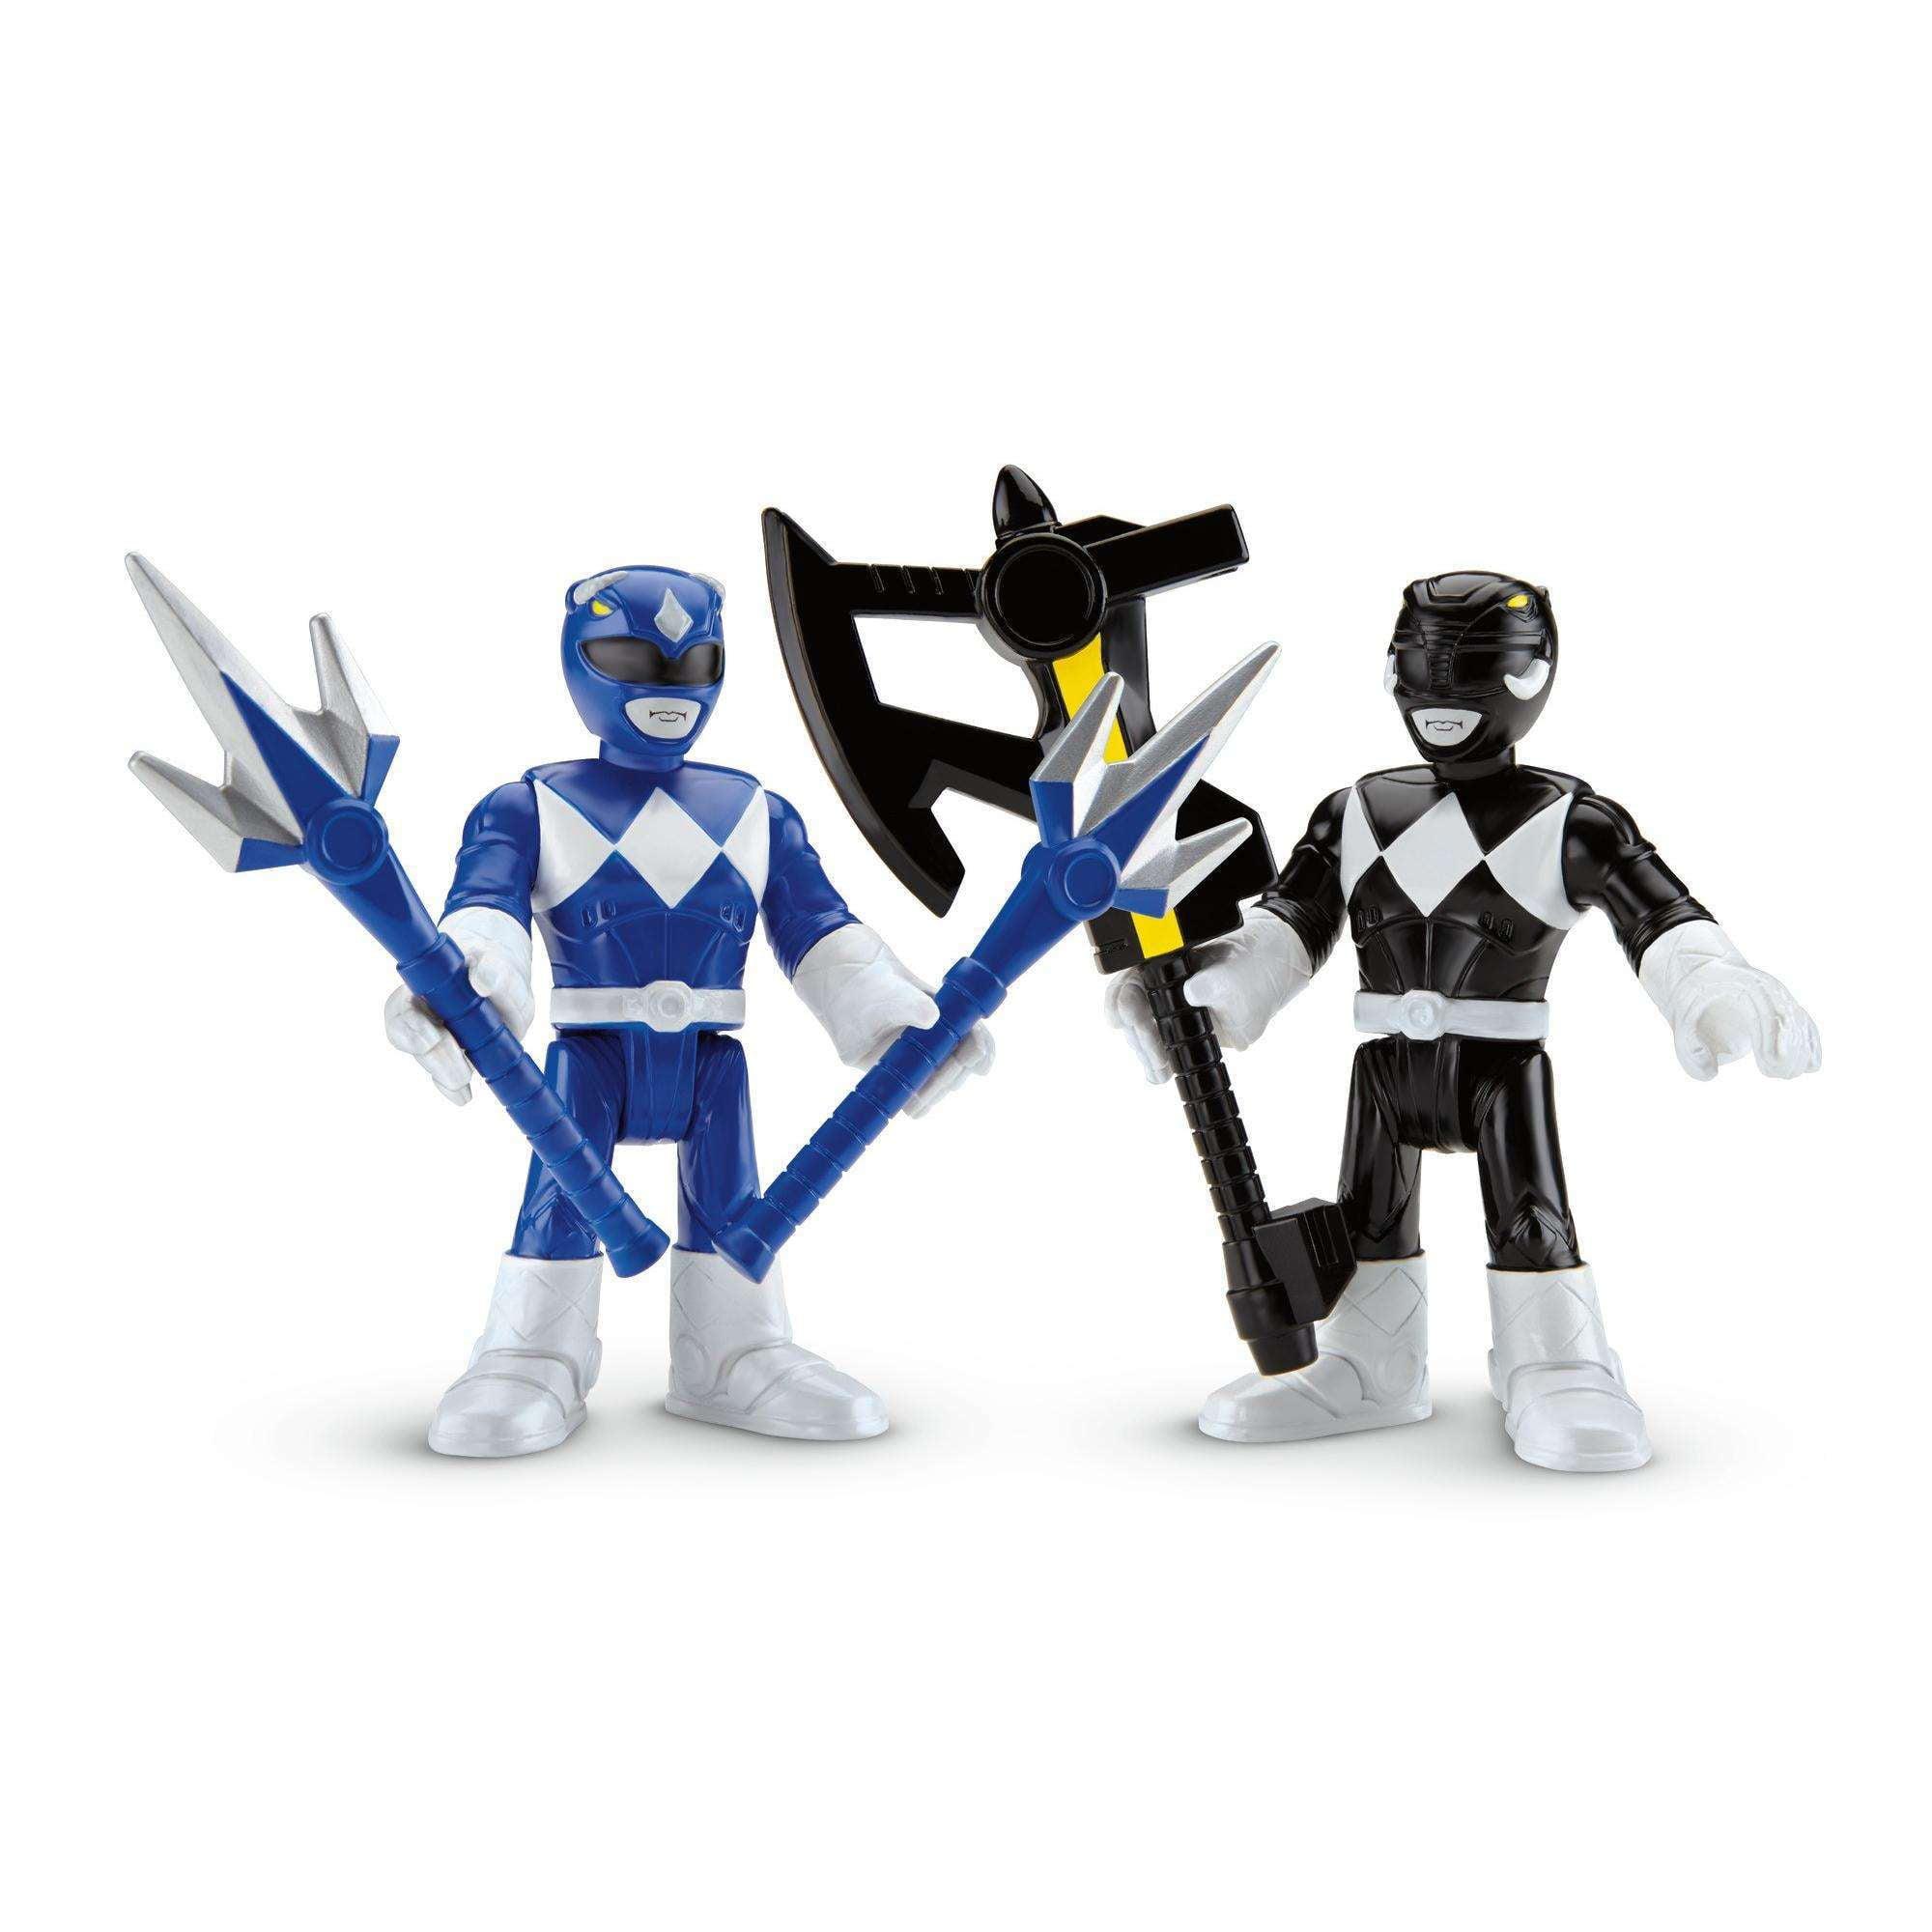 IMaginext Power Rangers Blue Ranger & Black Ranger by FISHER PRICE